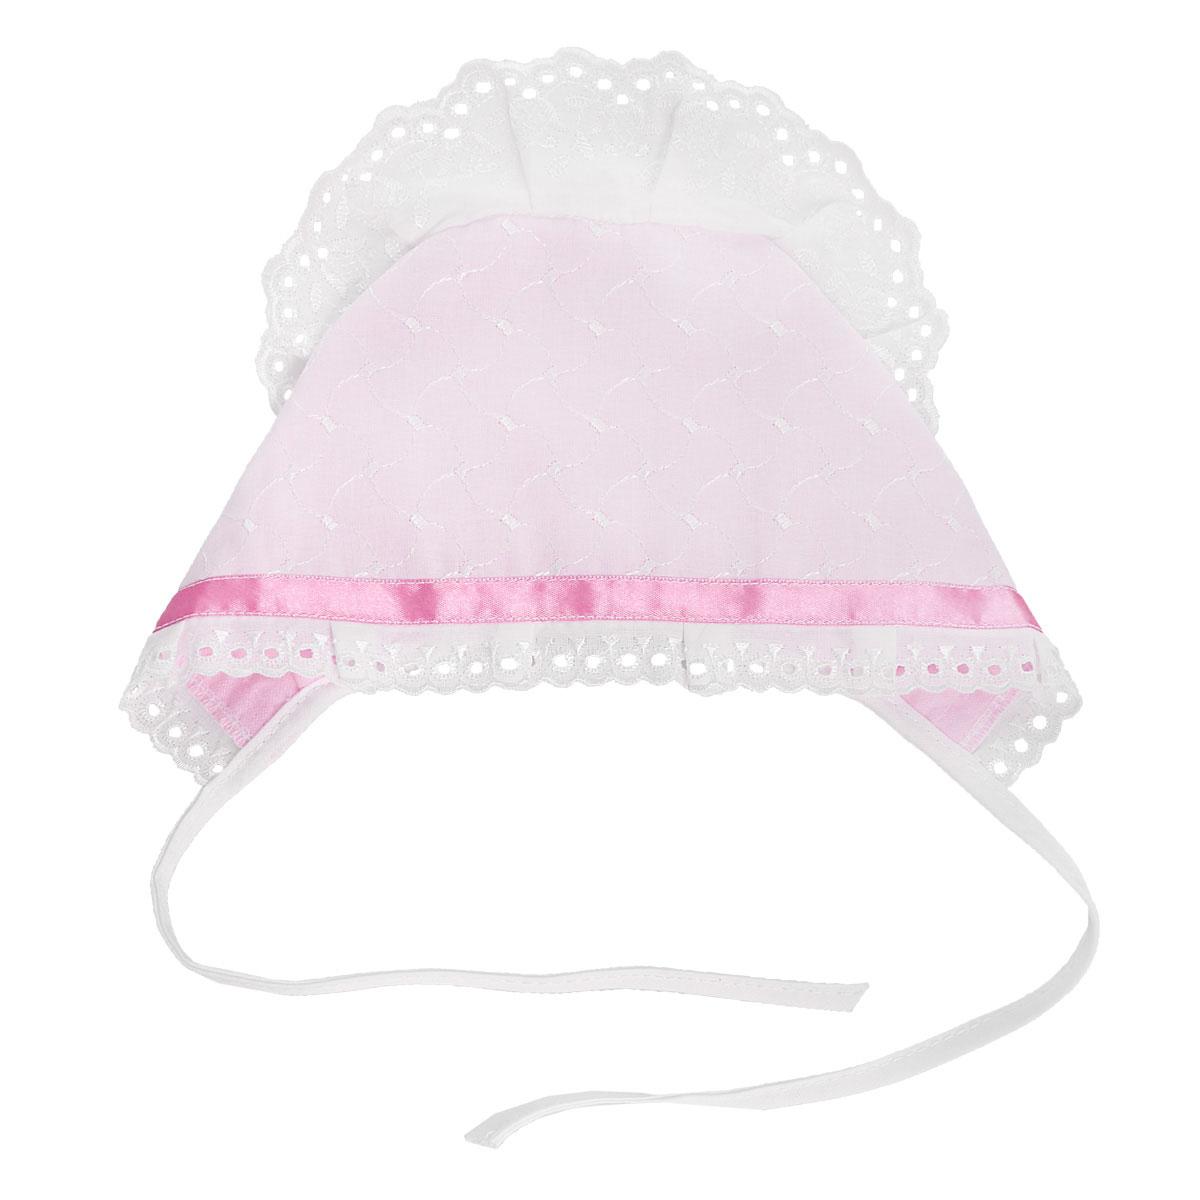 Чепчик Трон-плюс комплект для крещения детский трон плюс рубашка чепчик пеленка цвет белый 1417 размер 62 3 месяца